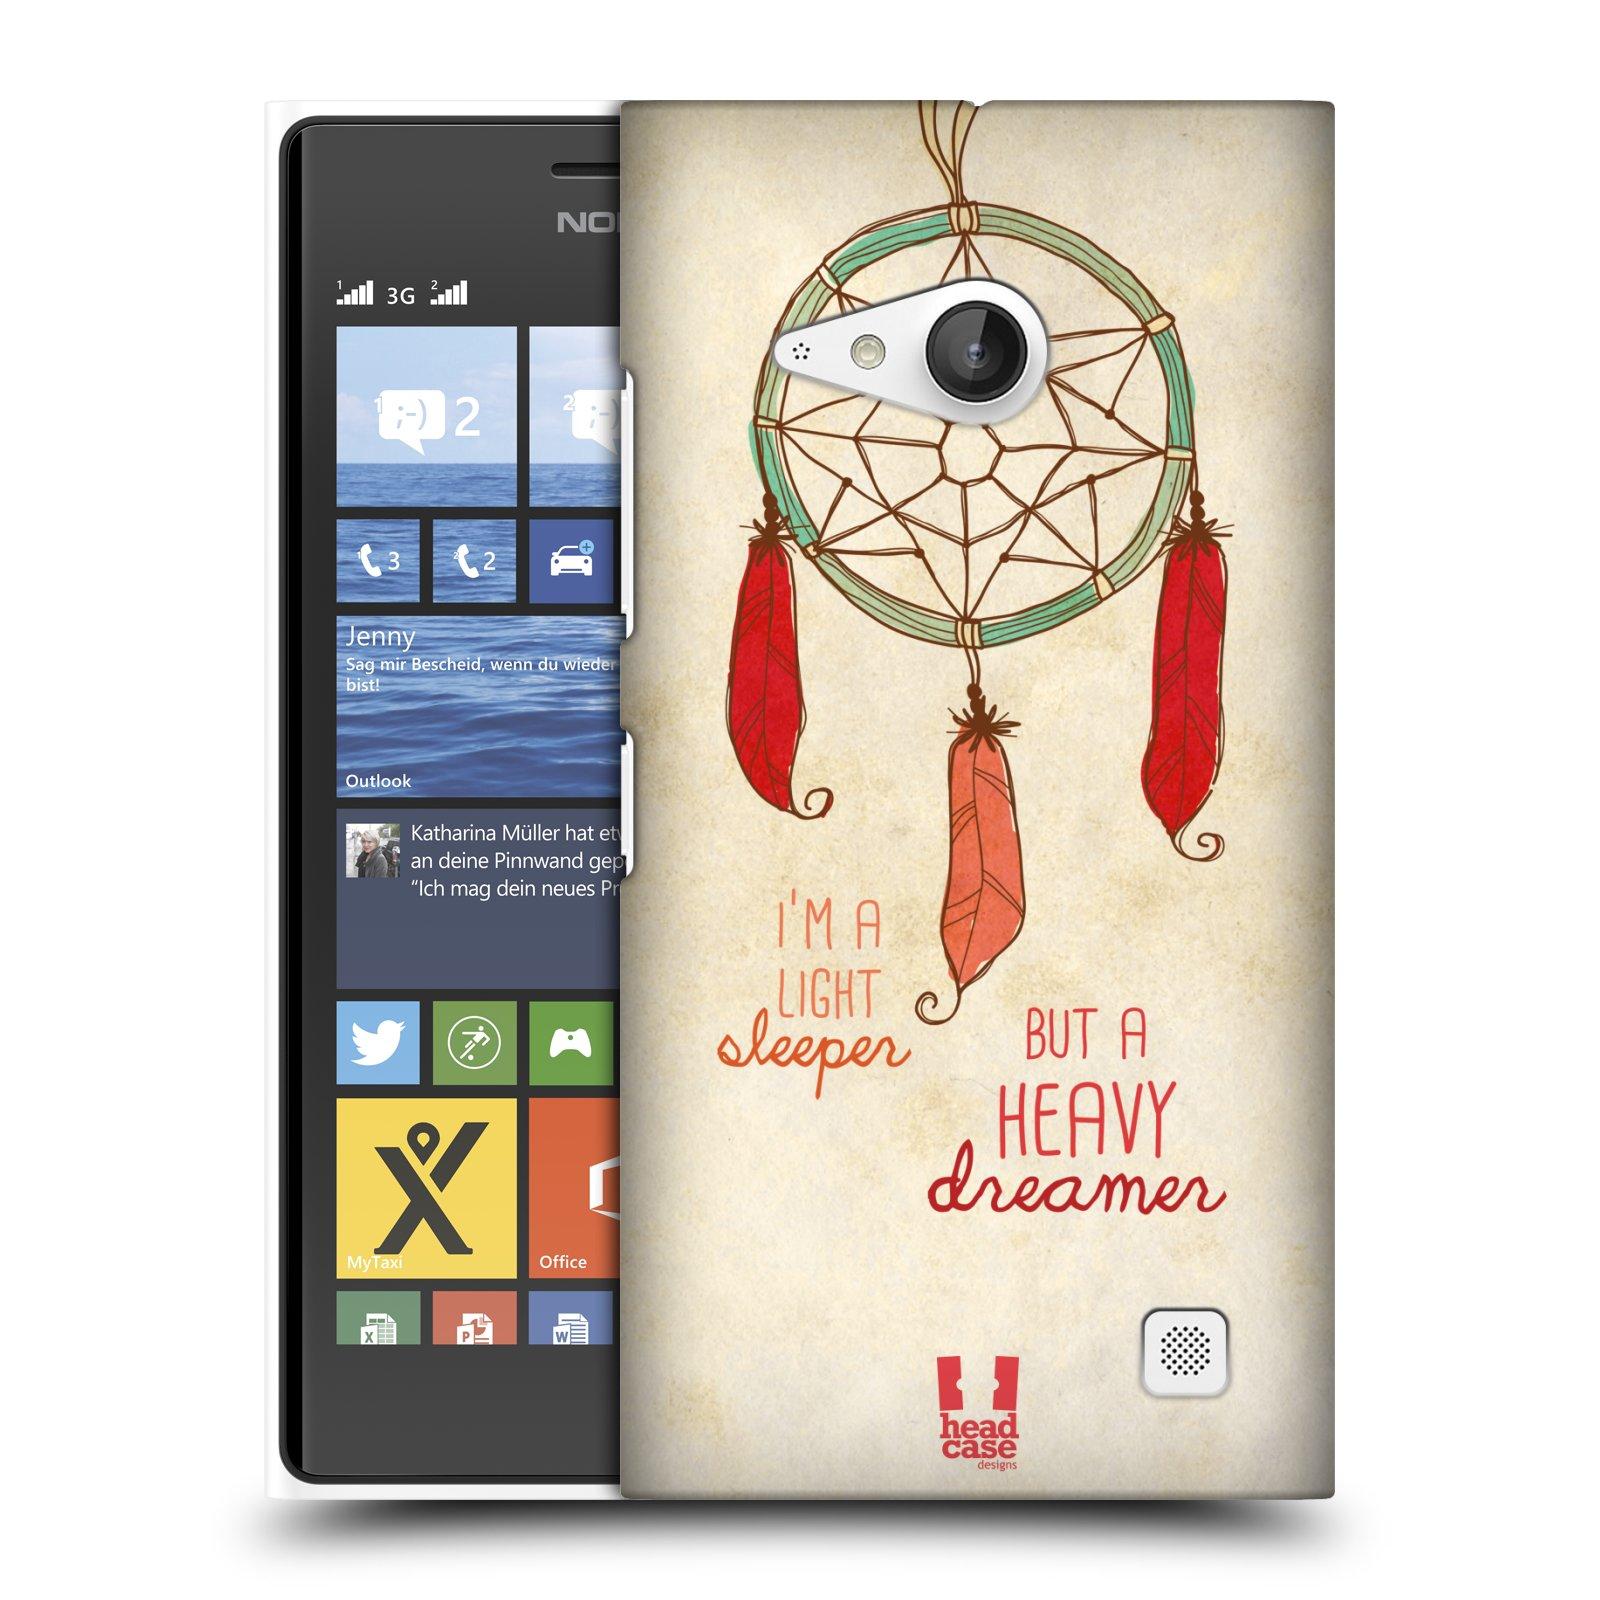 Plastové pouzdro na mobil Nokia Lumia 730 Dual SIM HEAD CASE LAPAČ HEAVY DREAMER (Kryt či obal na mobilní telefon Nokia Lumia 730 Dual SIM)